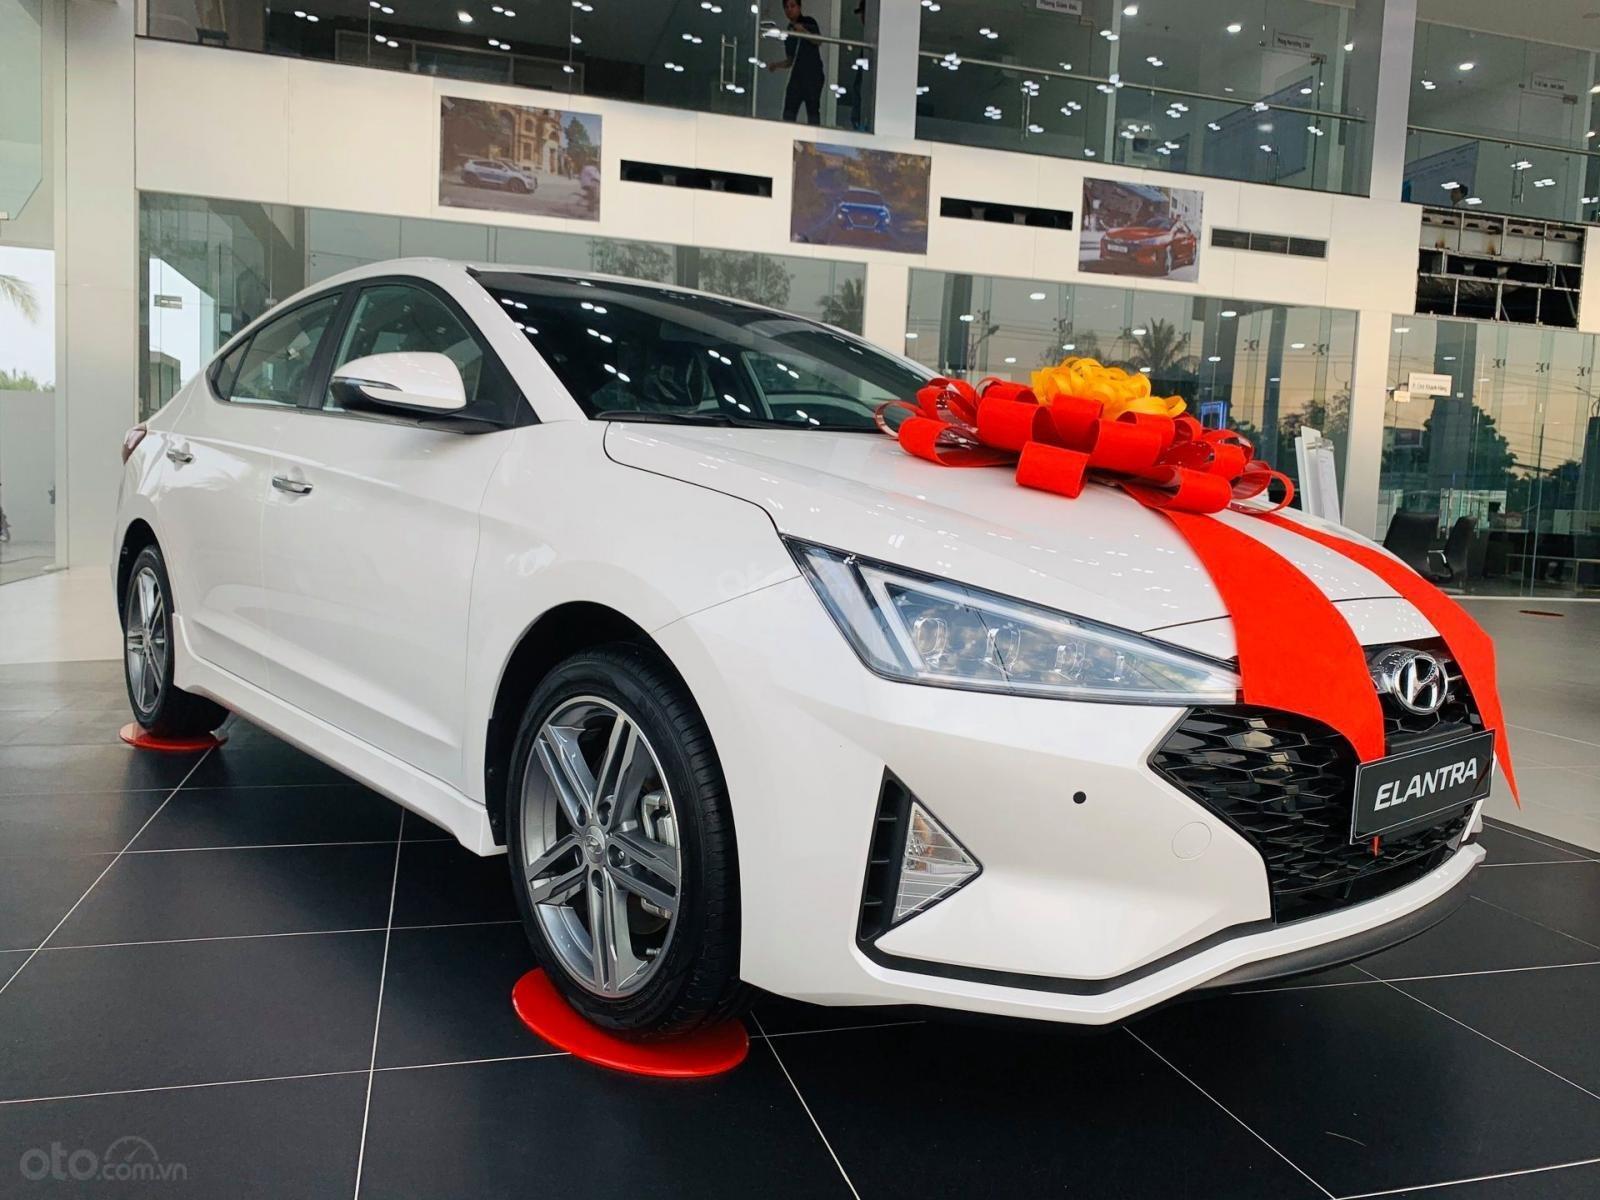 Hyundai Elantra khuyến mãi 40 triệu đồng, chỉ 200 triệu là có xe ngay (1)